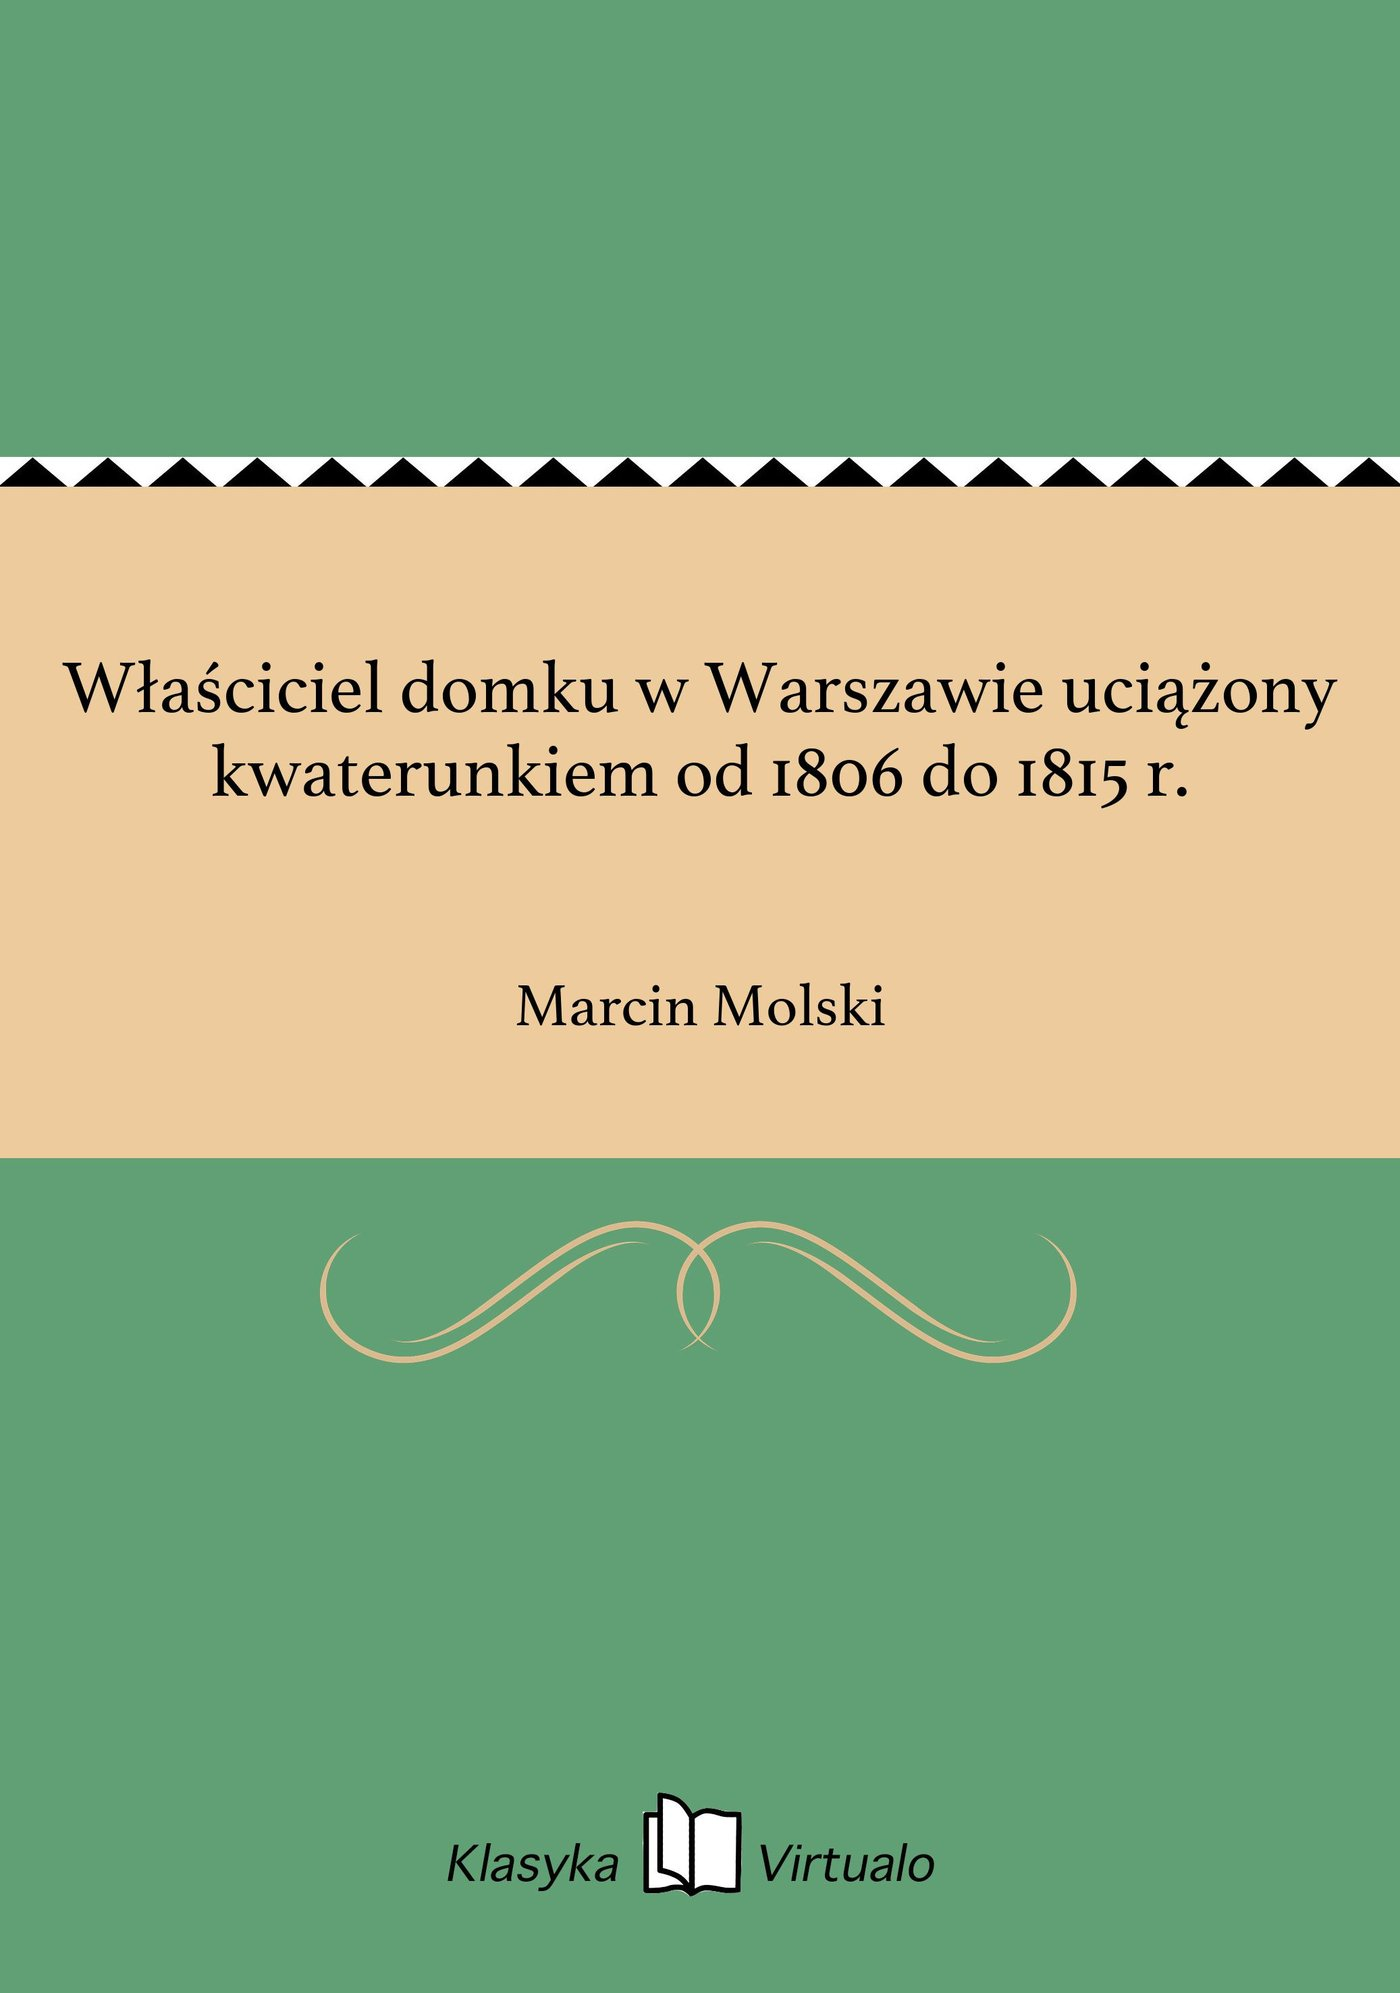 Właściciel domku w Warszawie uciążony kwaterunkiem od 1806 do 1815 r. - Ebook (Książka EPUB) do pobrania w formacie EPUB